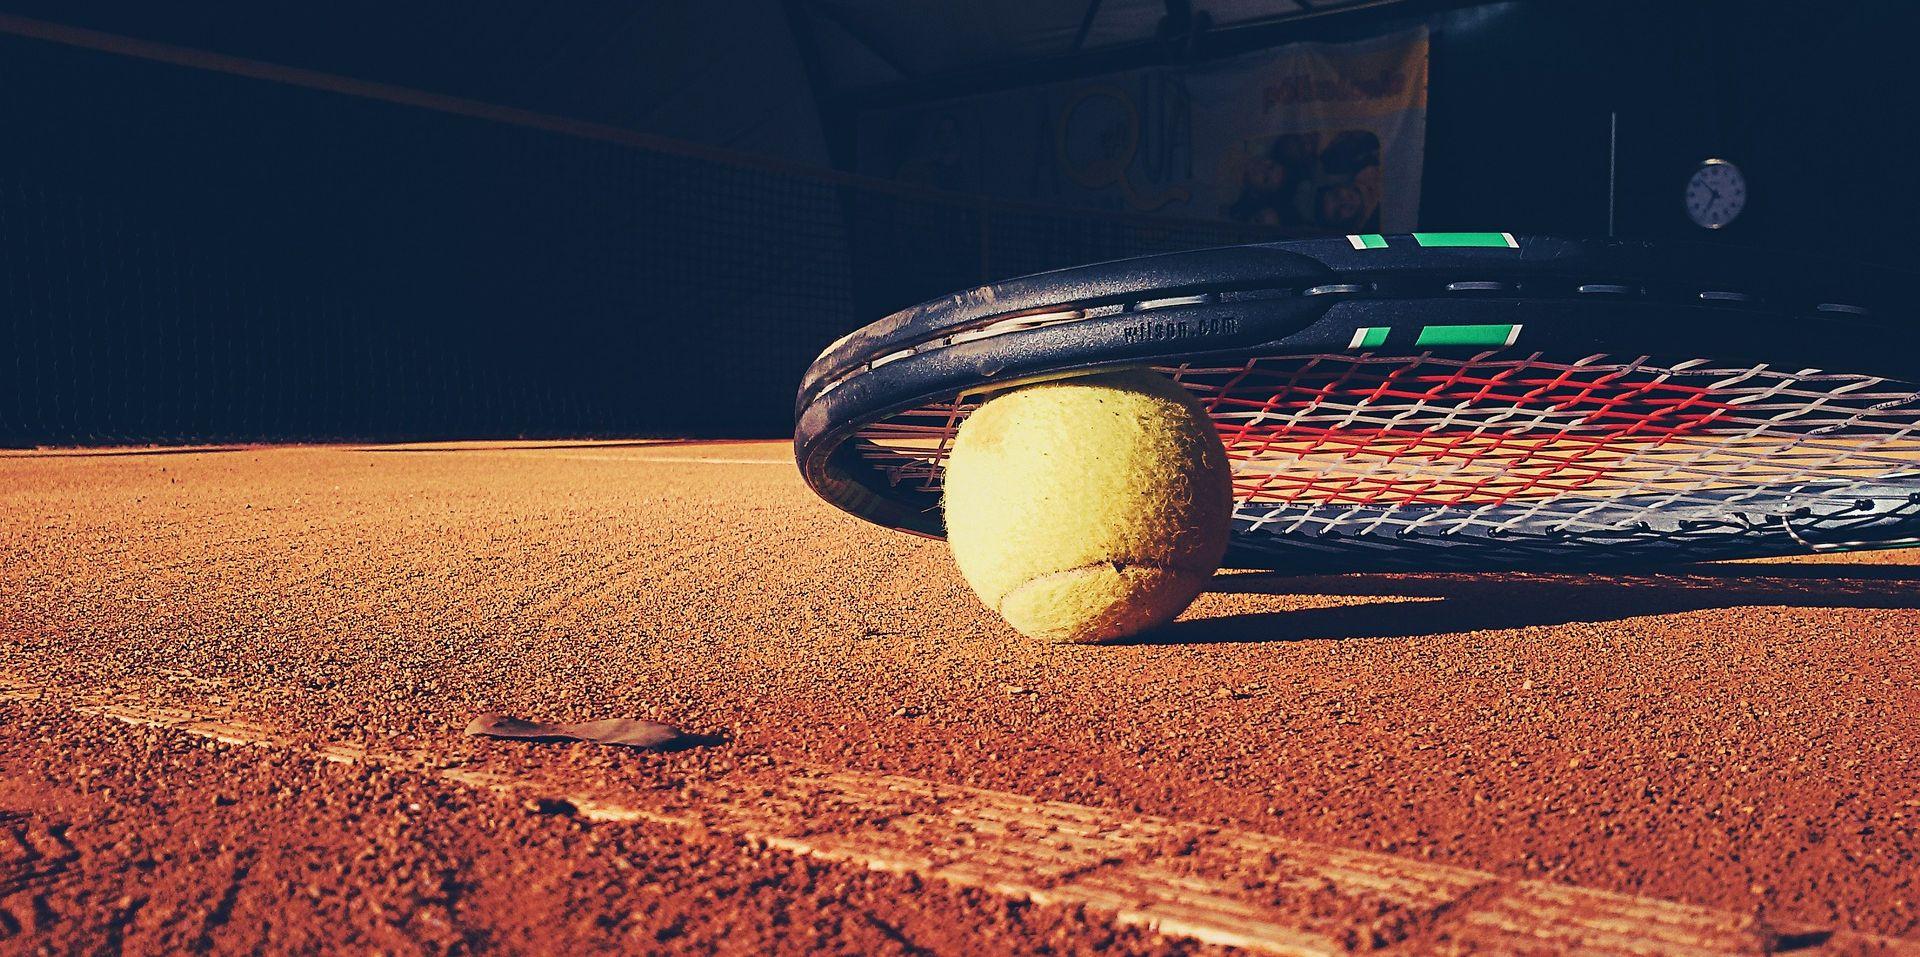 ITF: Finale Davis Cupa igrat će se ovoga vikenda u Gentu